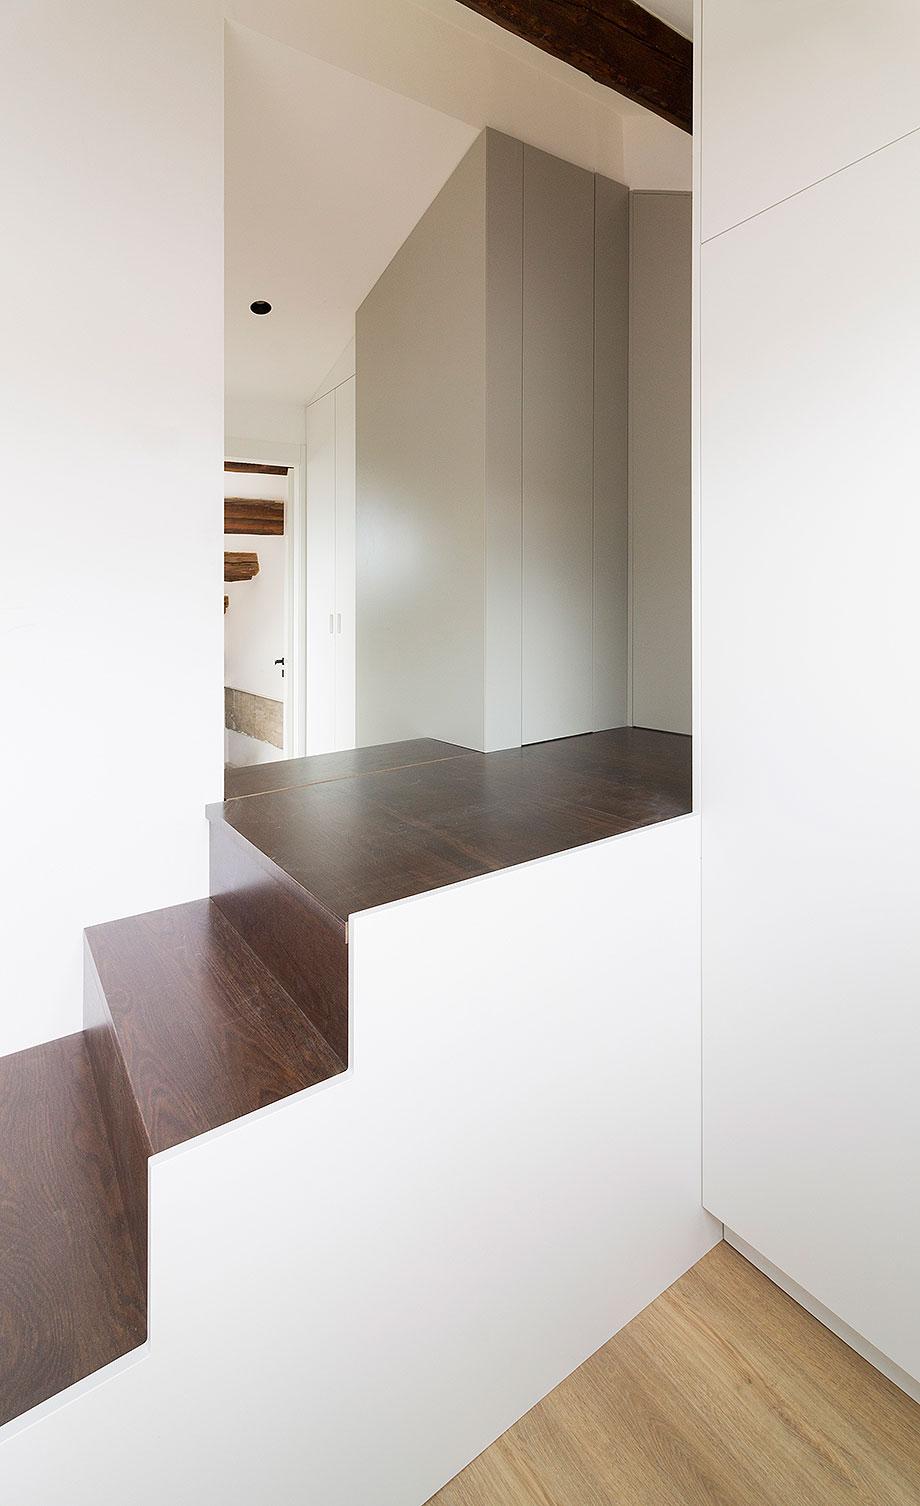 reforma de un ático en palermo por la leta architettura (6) - foto marco zanca